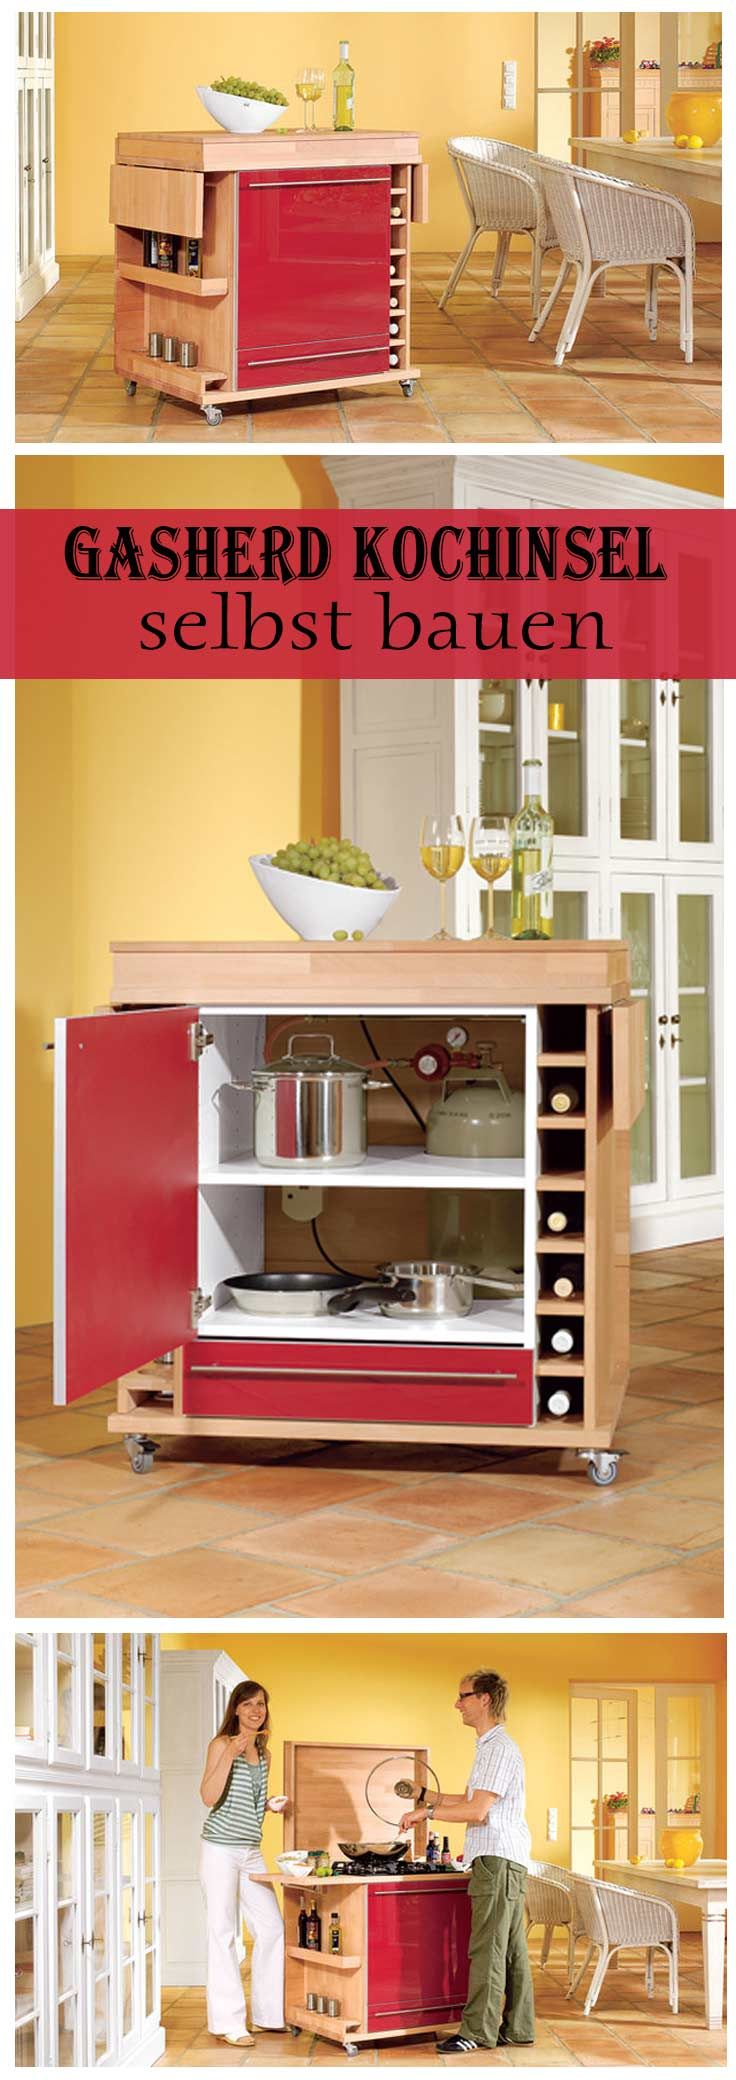 Mit einer mobilen Kochinsel kann man kochen, wo man will. Die Insel ist mit einem Gasherd ausgestattet – sowas gibt es nicht zu kaufen. Wir zeigen, wie man es selbst baut.